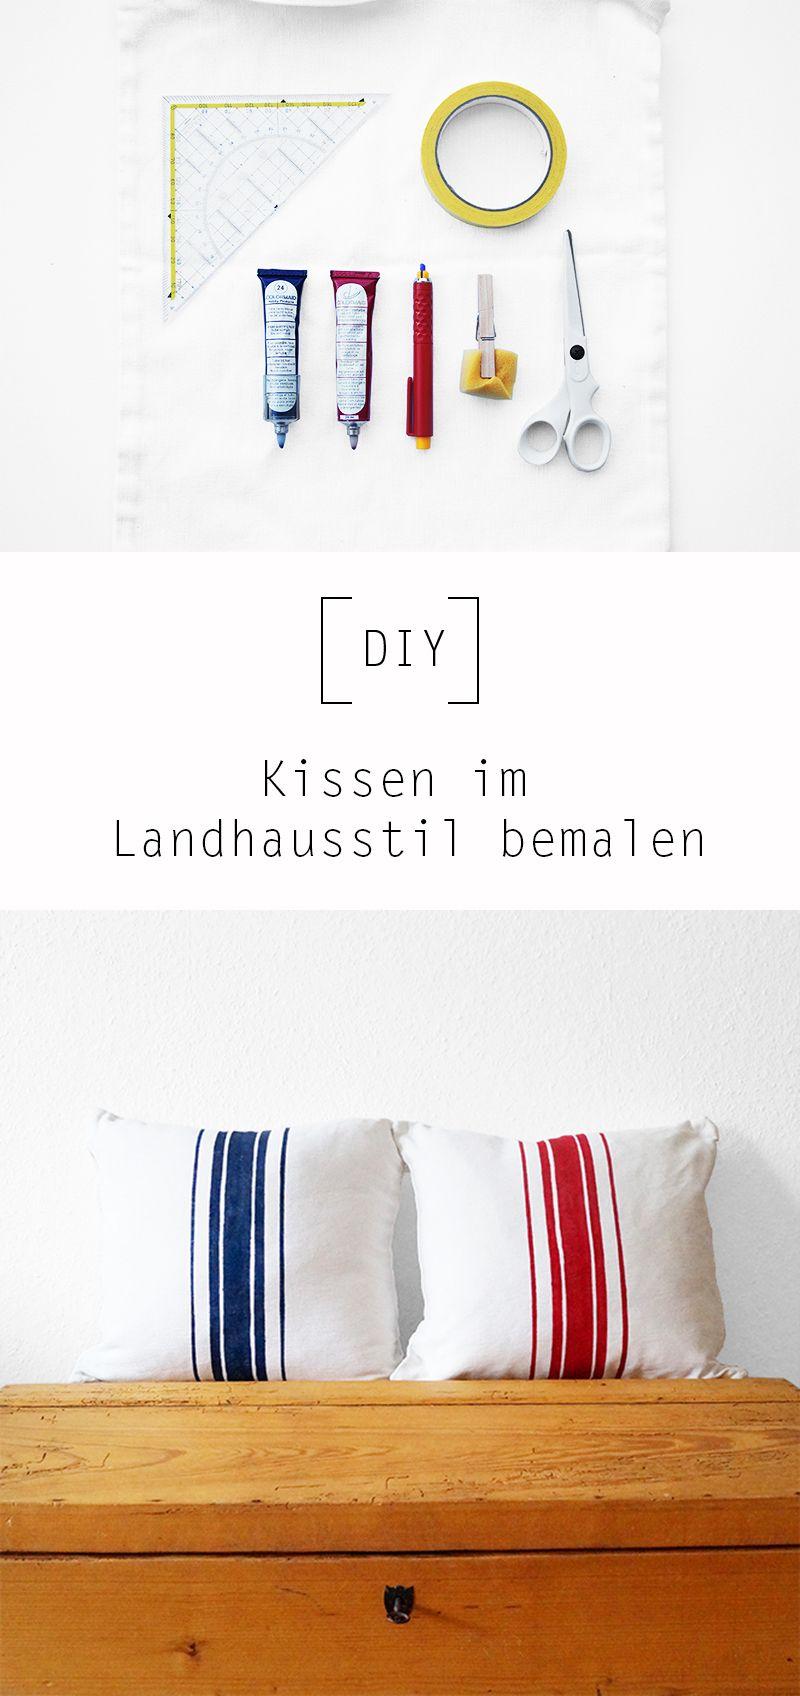 Inspirierend Kissen Bemalen Beste Wahl Im Stil By Nur Noch - Diy